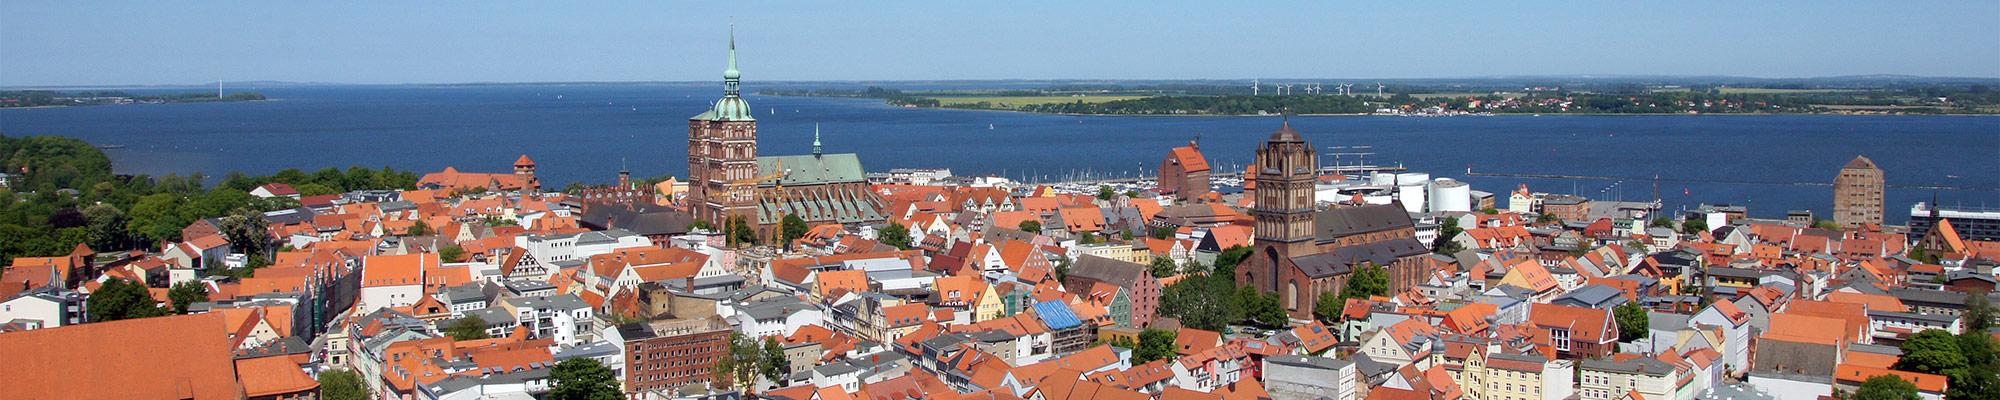 Herzlich Willkommen in Stralsund <br /> Auch in der aktuellen Situation haben wir für Geschäftsreisende geöffnet.